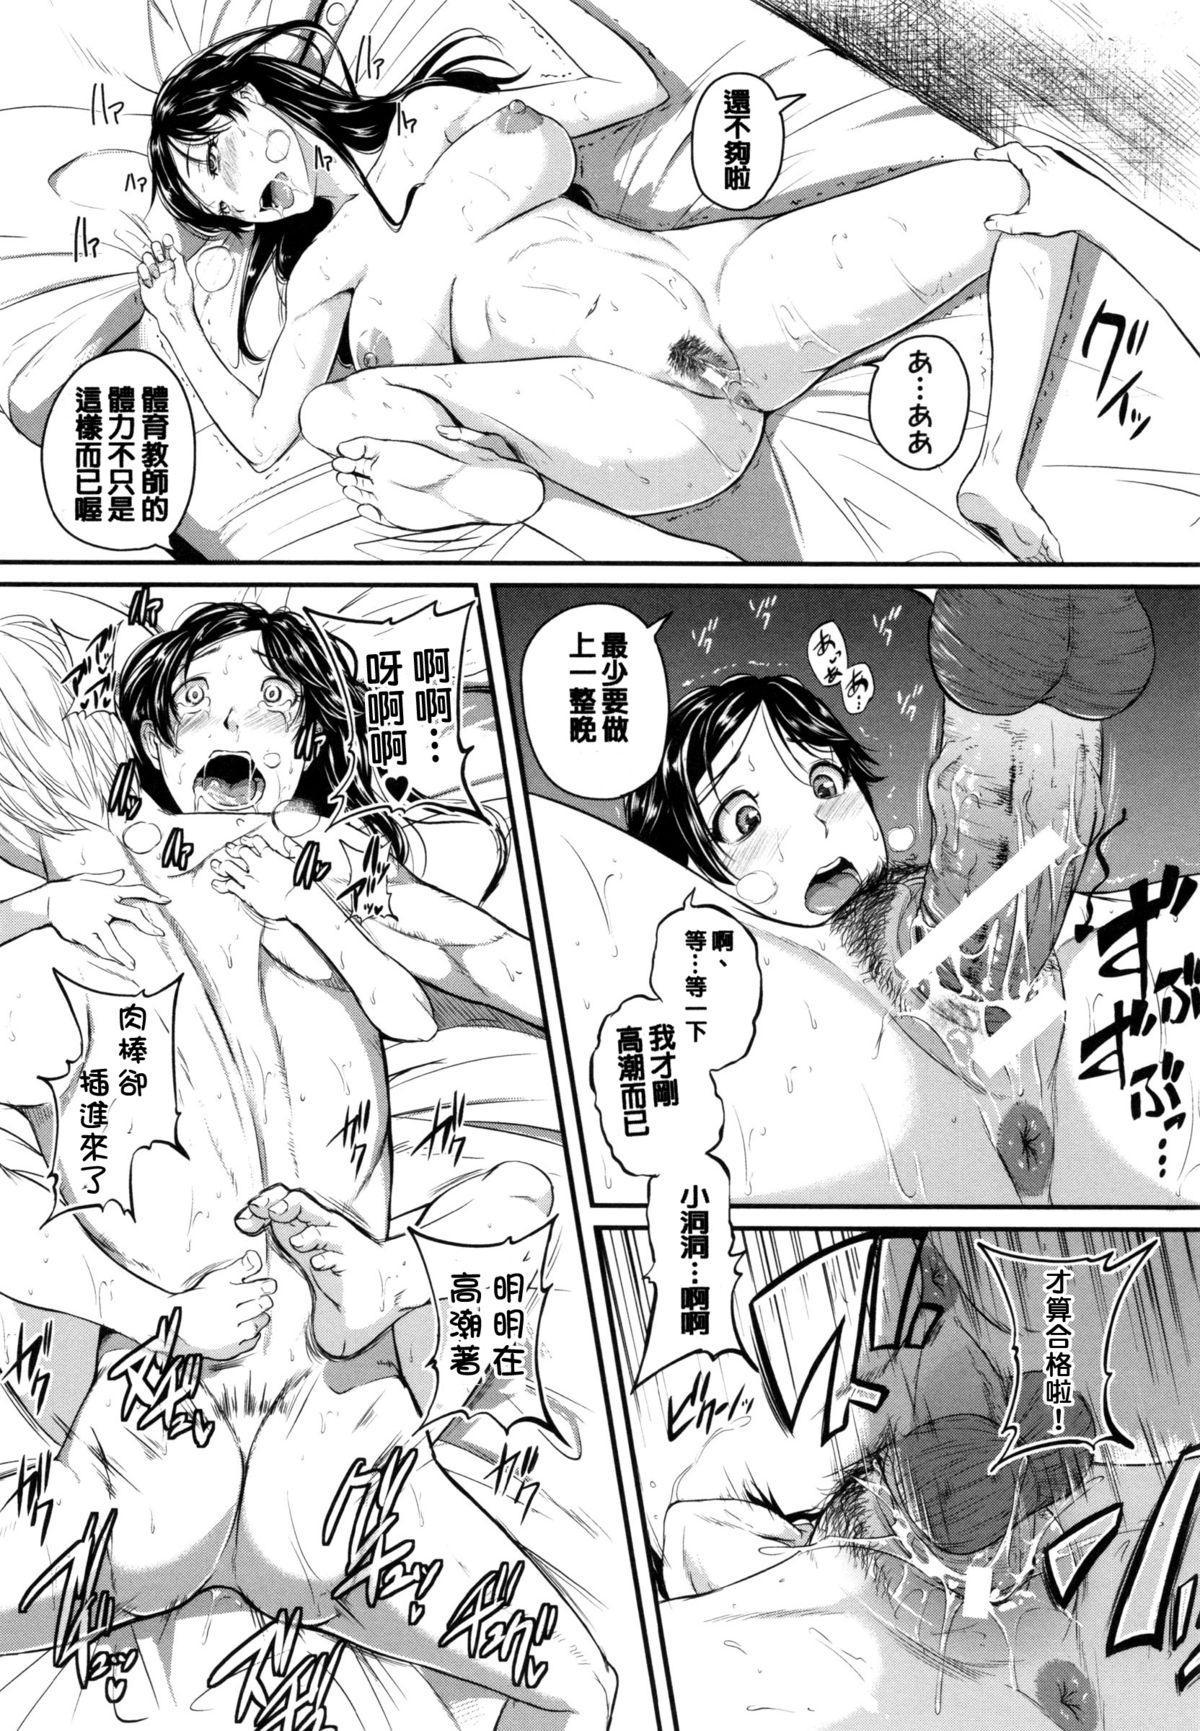 Aibenki Tonari no Dosukebe Onee-san 137